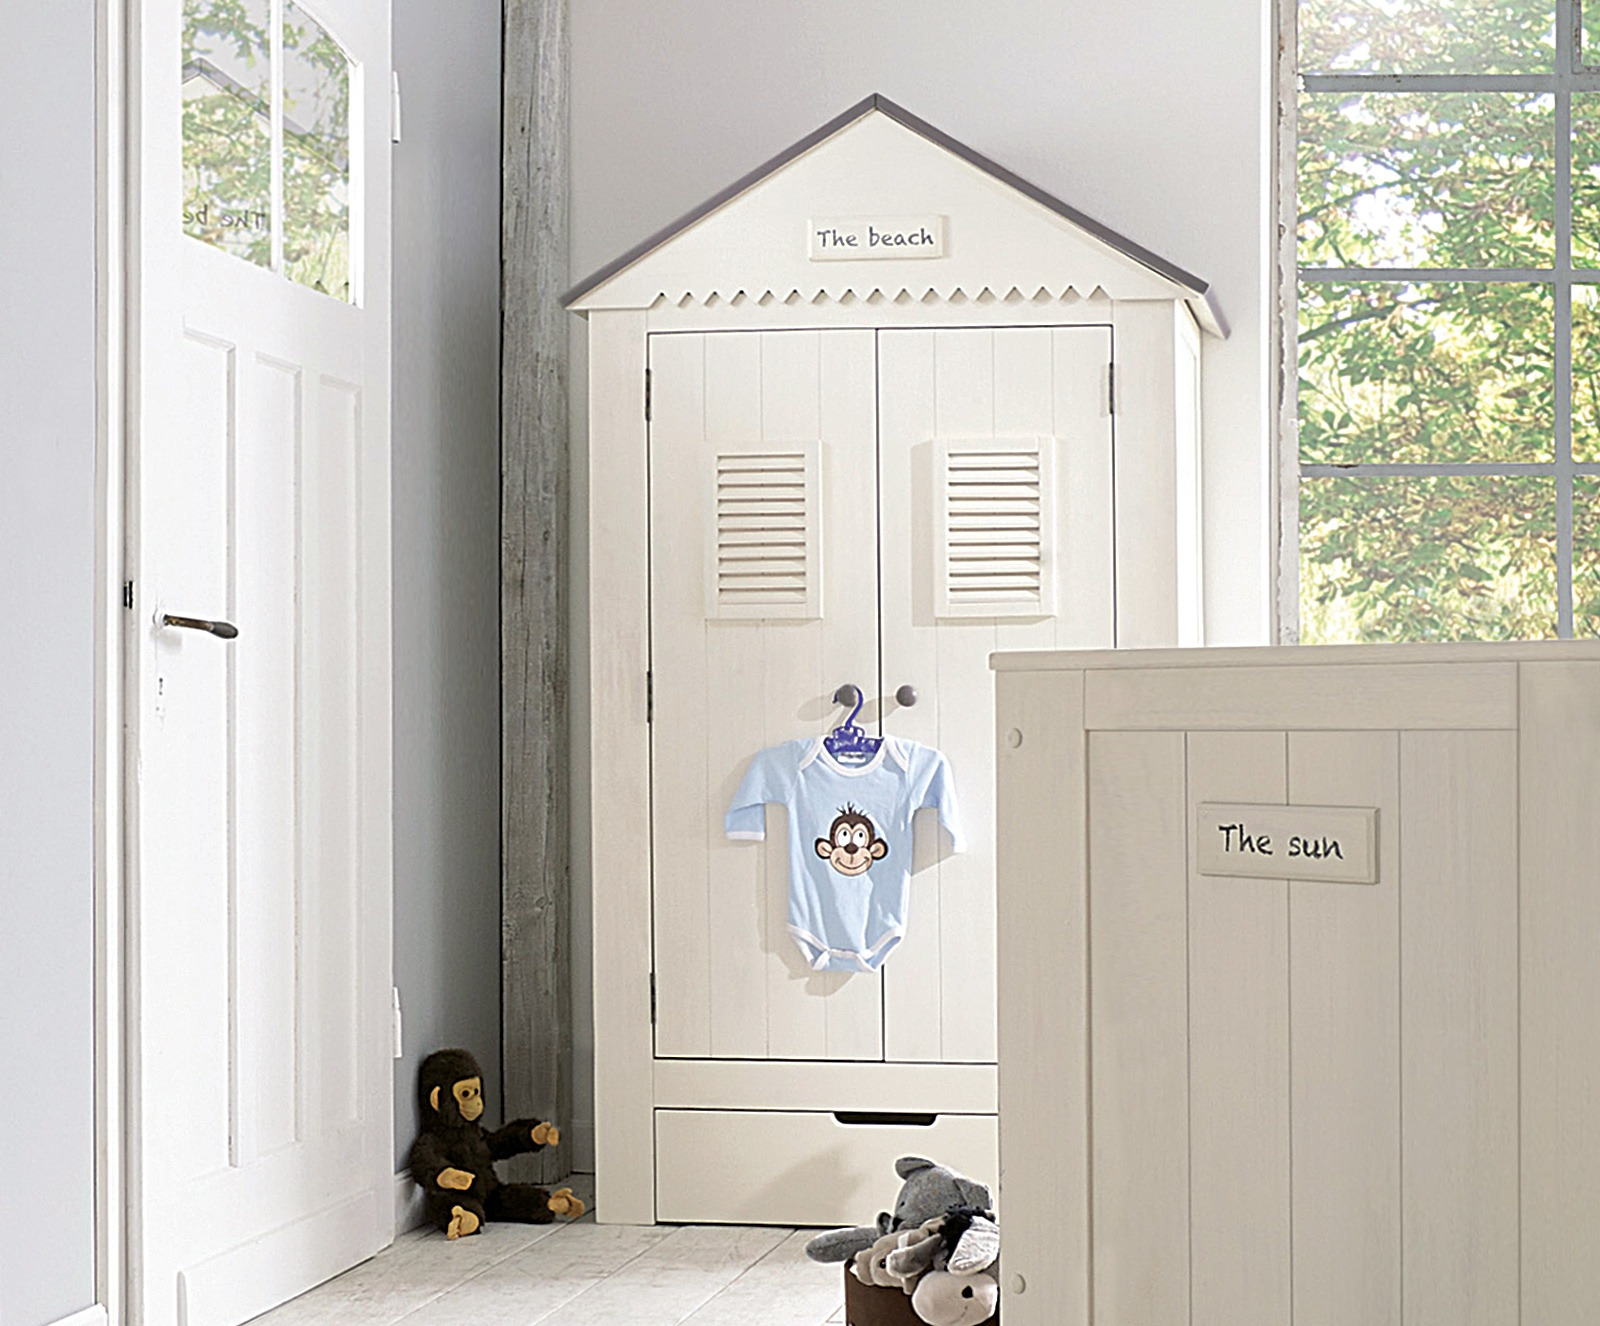 kleiderschrank sunny. Black Bedroom Furniture Sets. Home Design Ideas